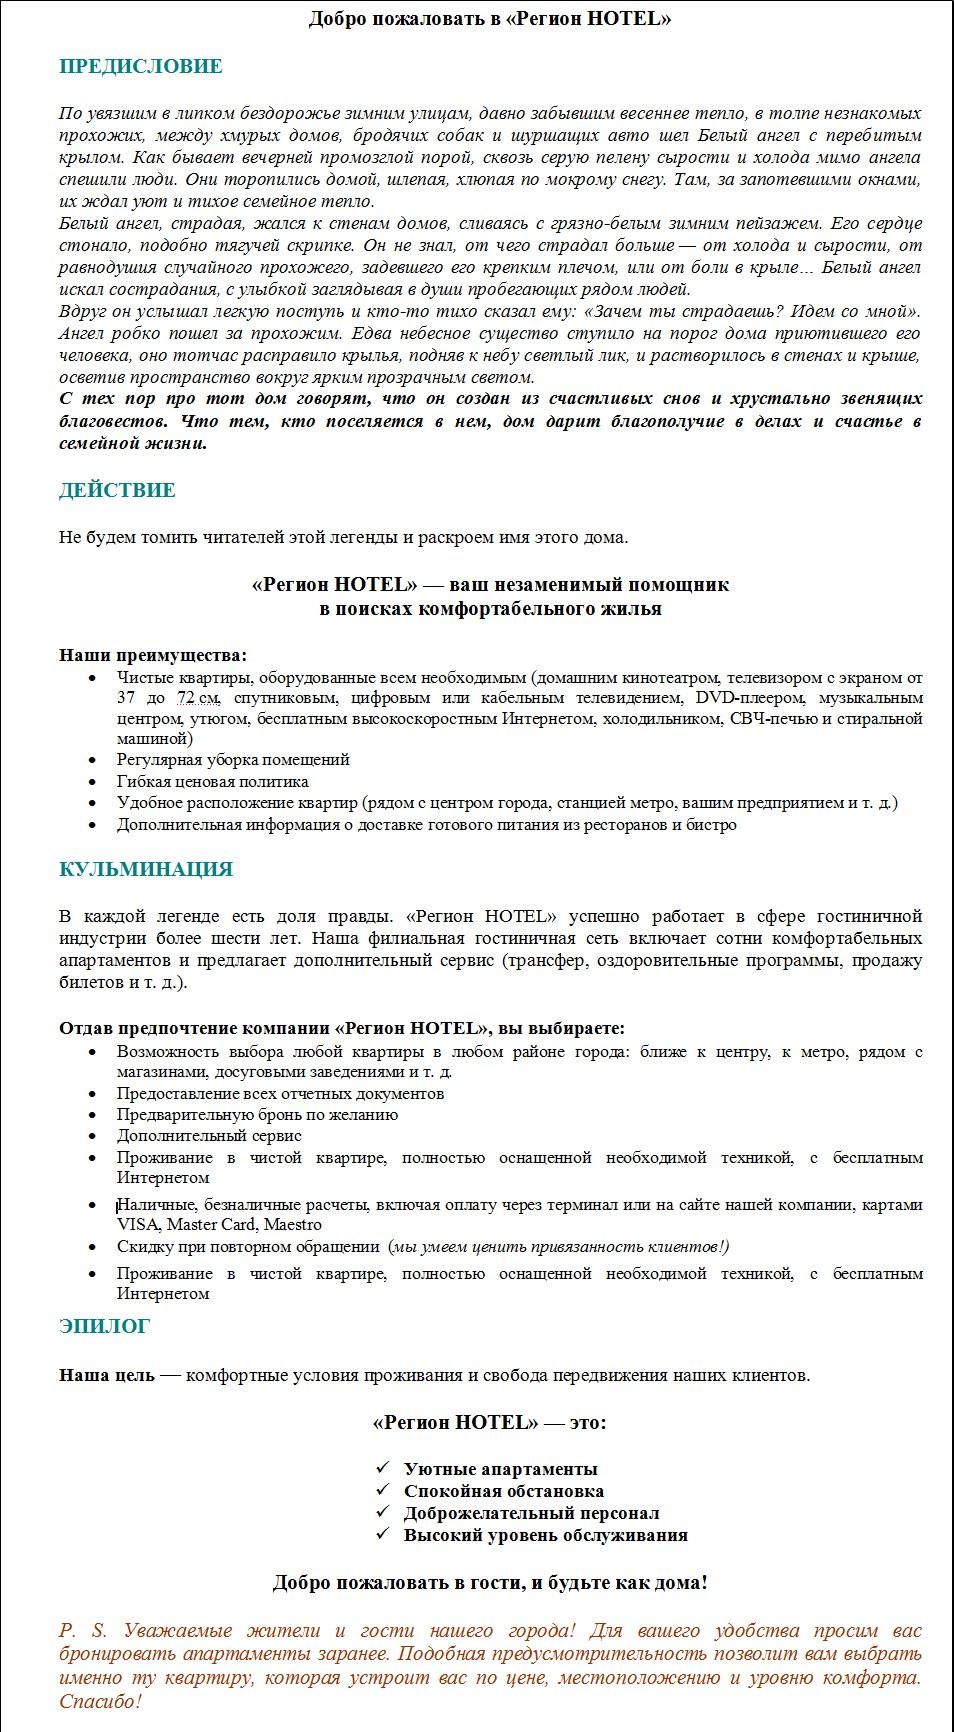 """Гостиничный бизнес """"Регион Отель"""" (легенда, рекламный текст)"""